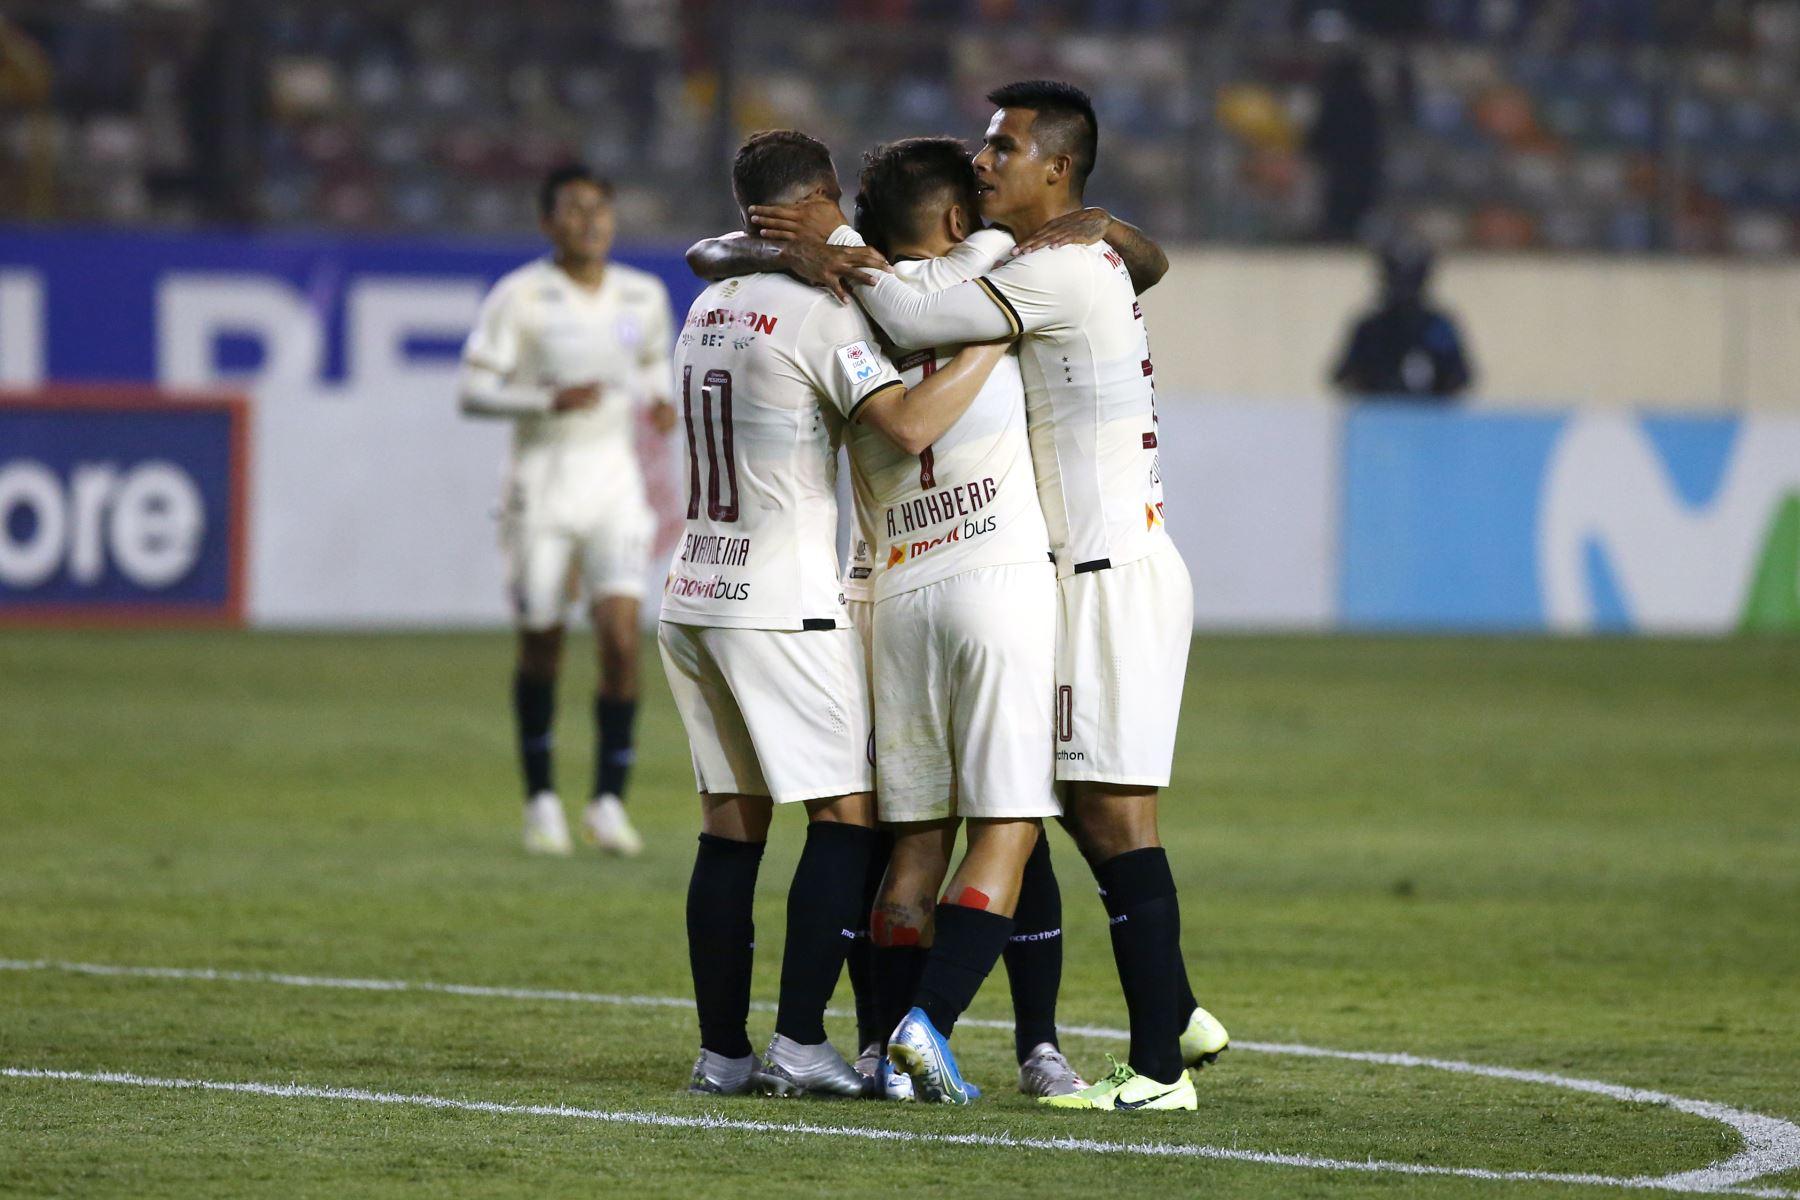 Universitario gana por 3 a 2 al Ayacucho FC. Foto: ANDINA/Vidal Tarqui